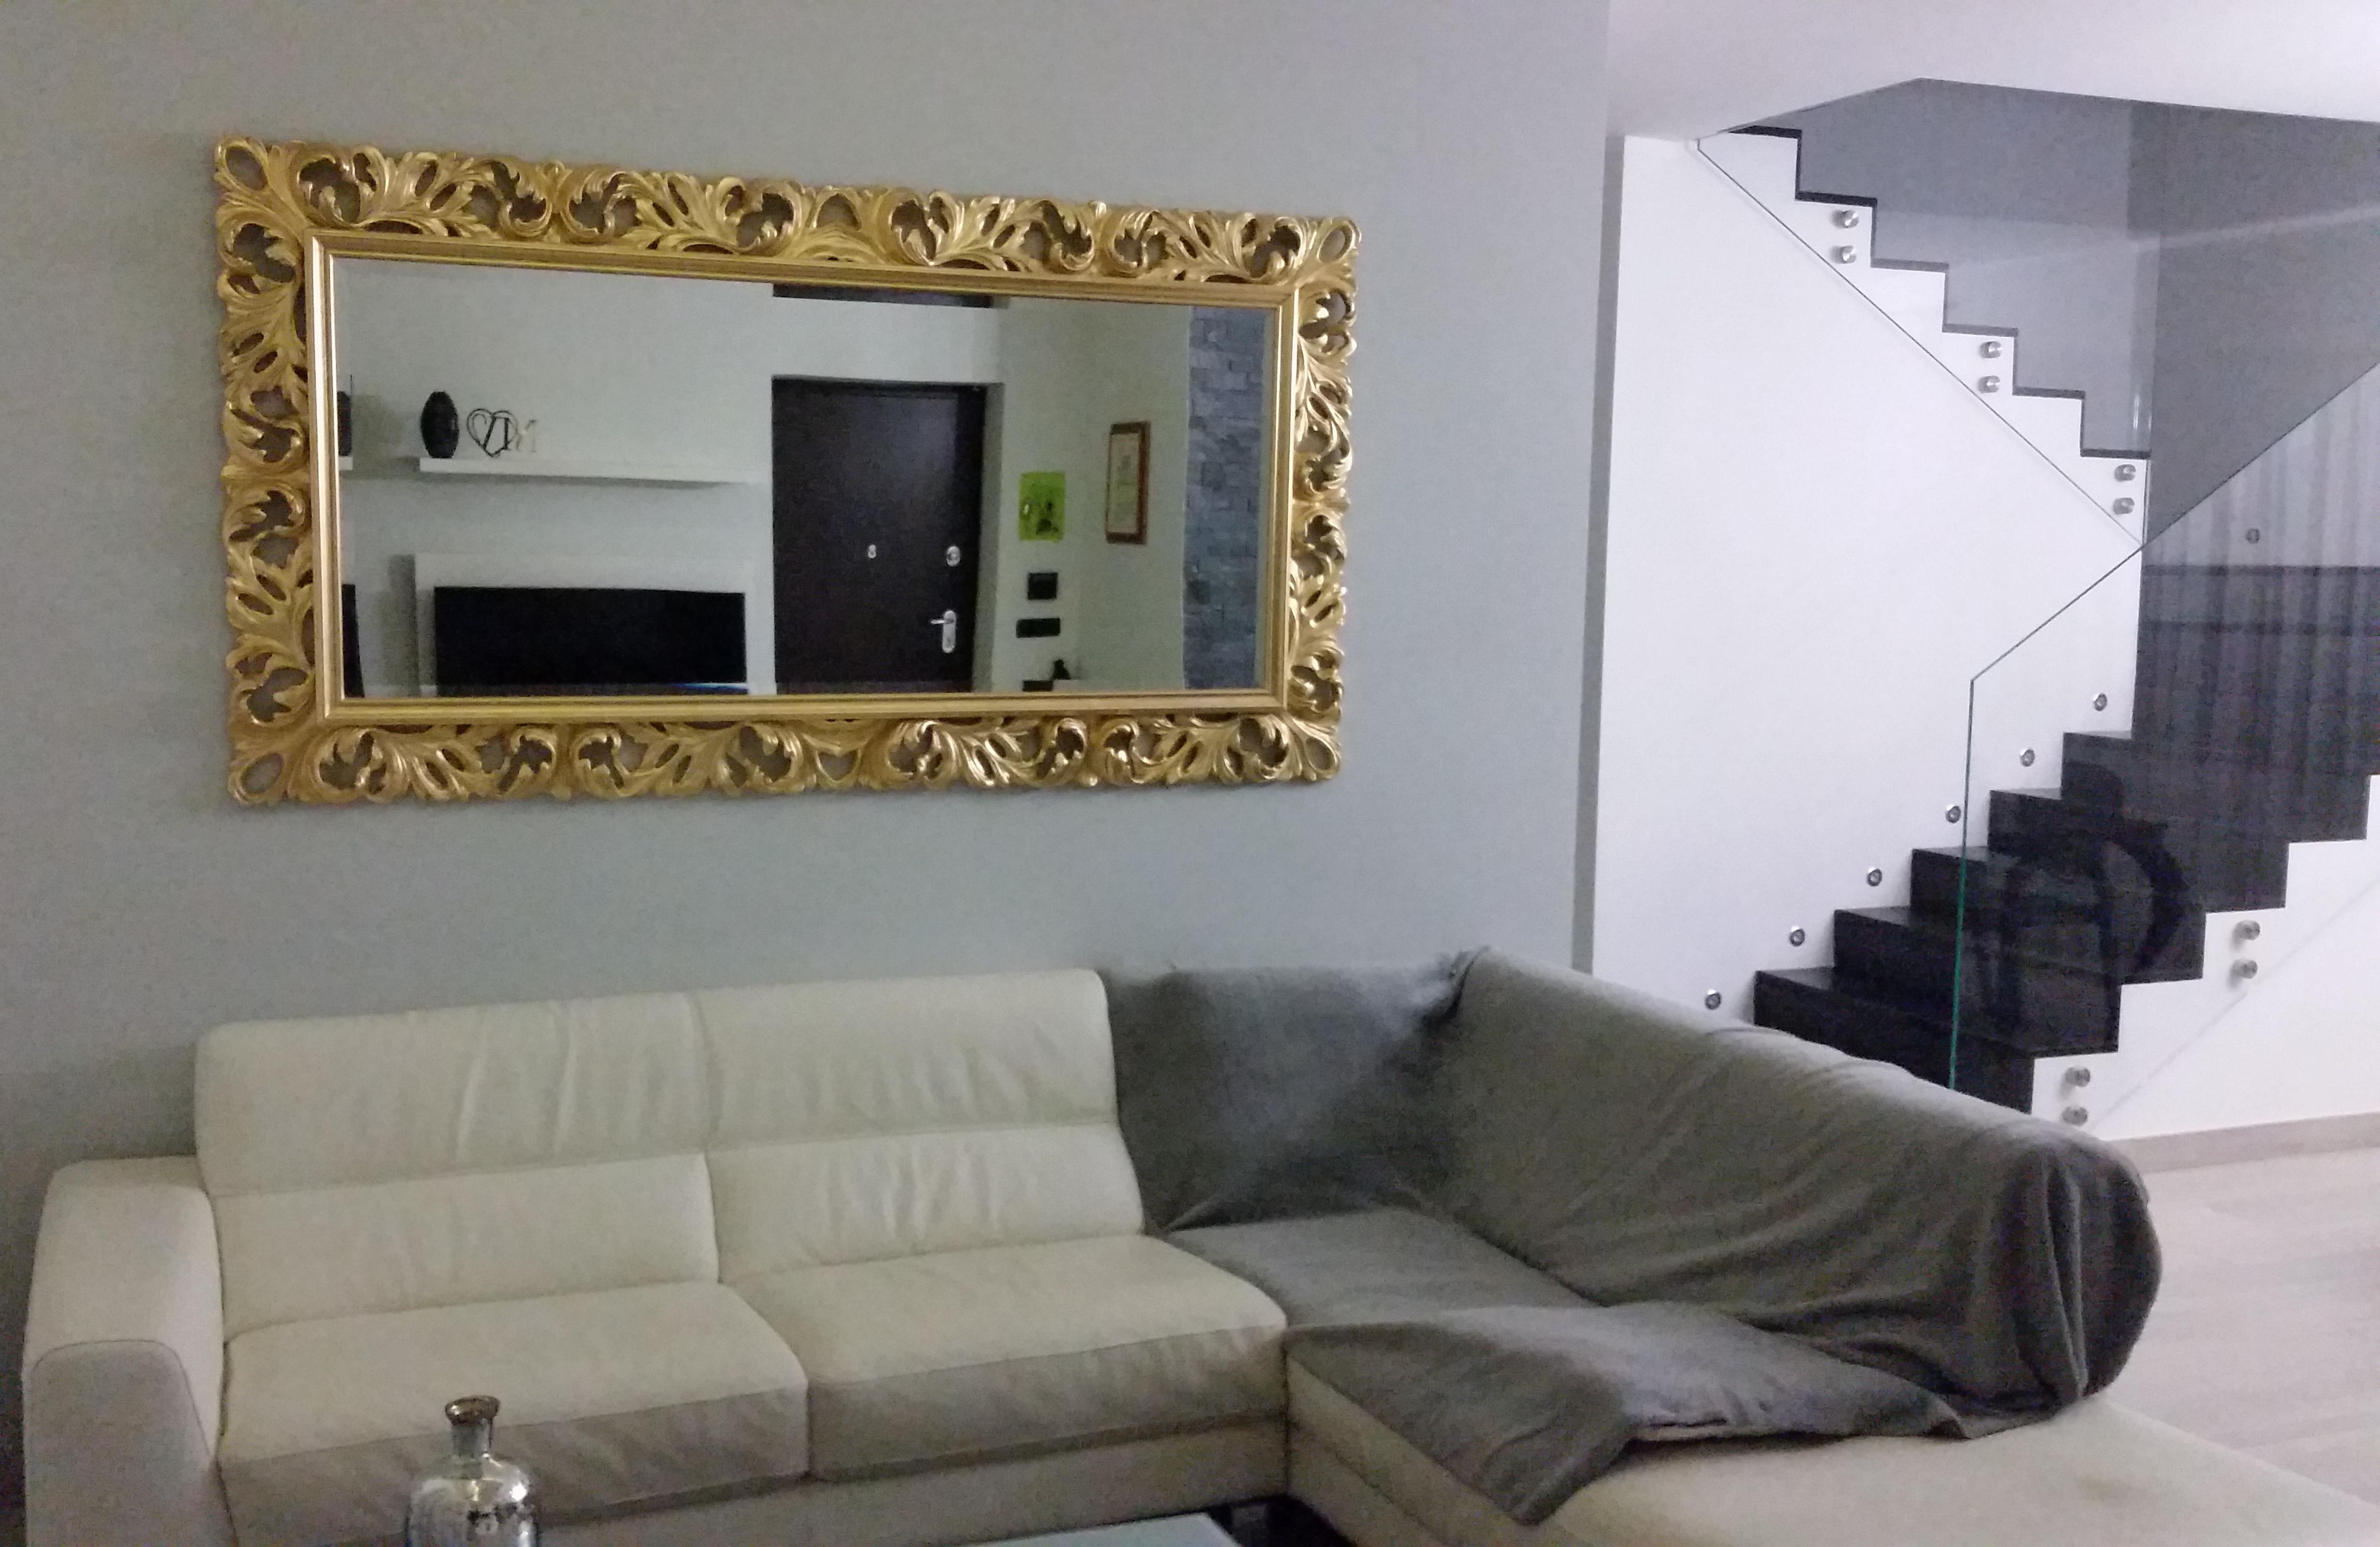 Specchio Sopra Divano.Pratelli Mobili Specchi Barocco A Confronto Idee E